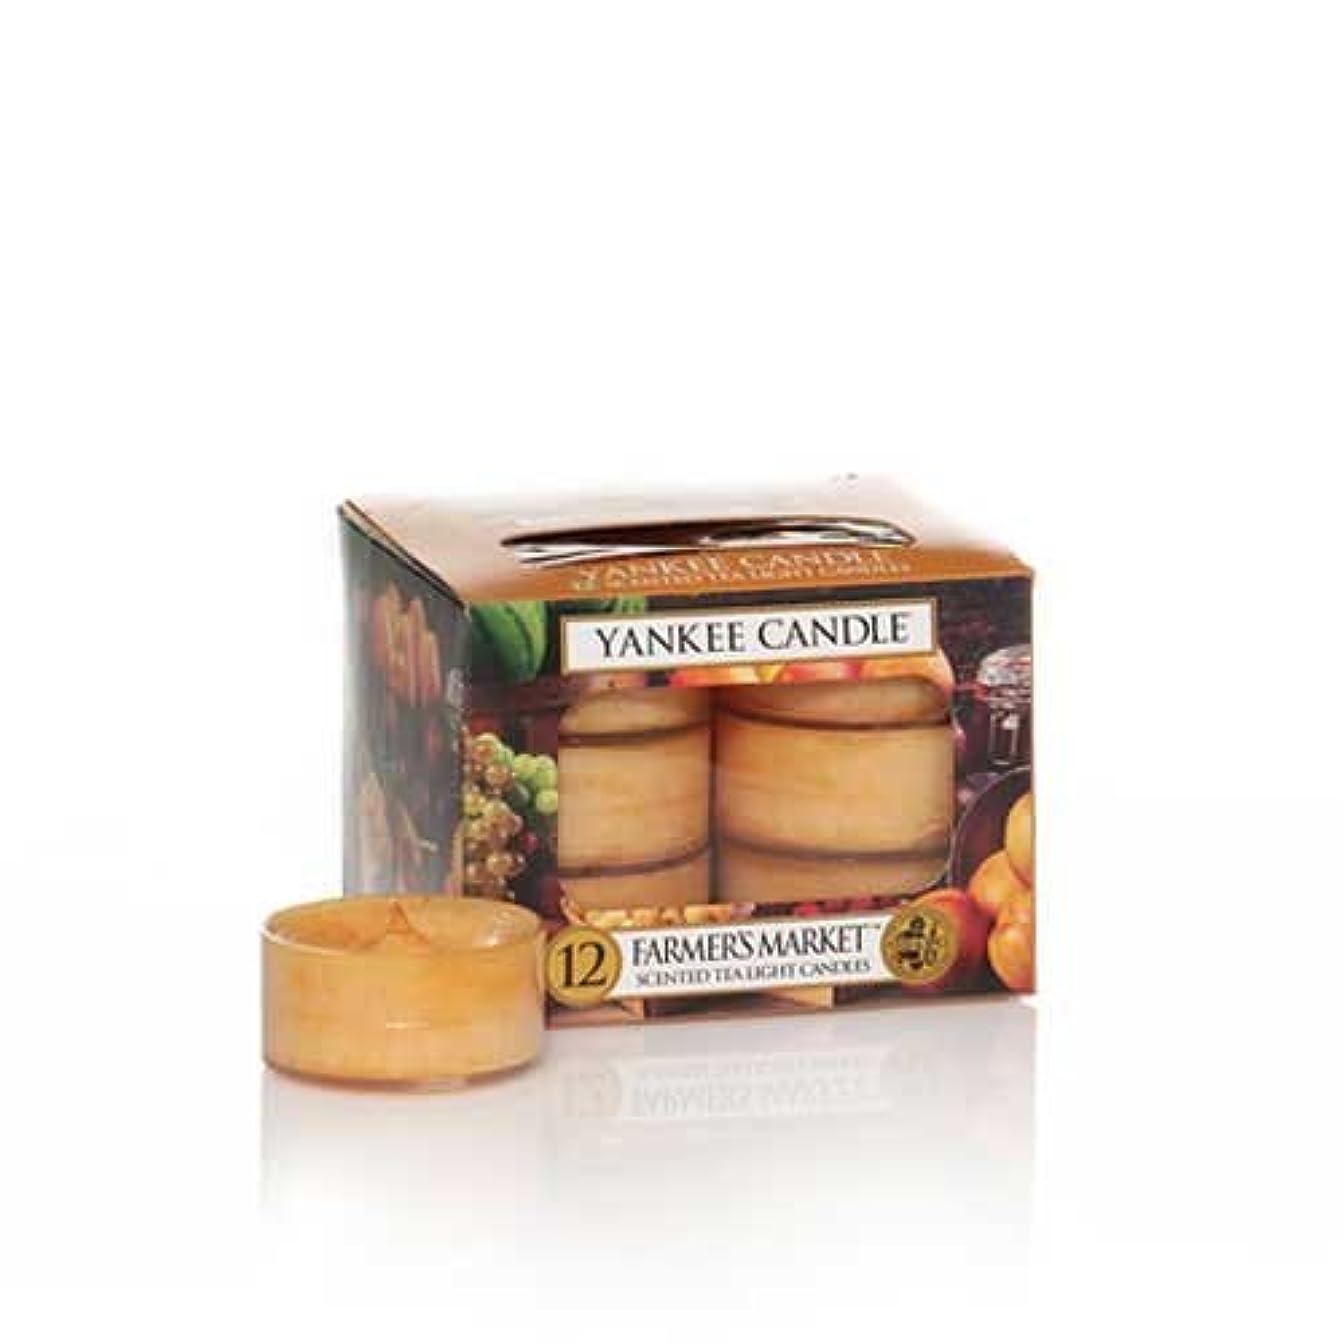 狐倒錯感嘆Yankee Candle Farmer 's Market, Food & Spice香り Tea Light Candles オレンジ 1163587-YC